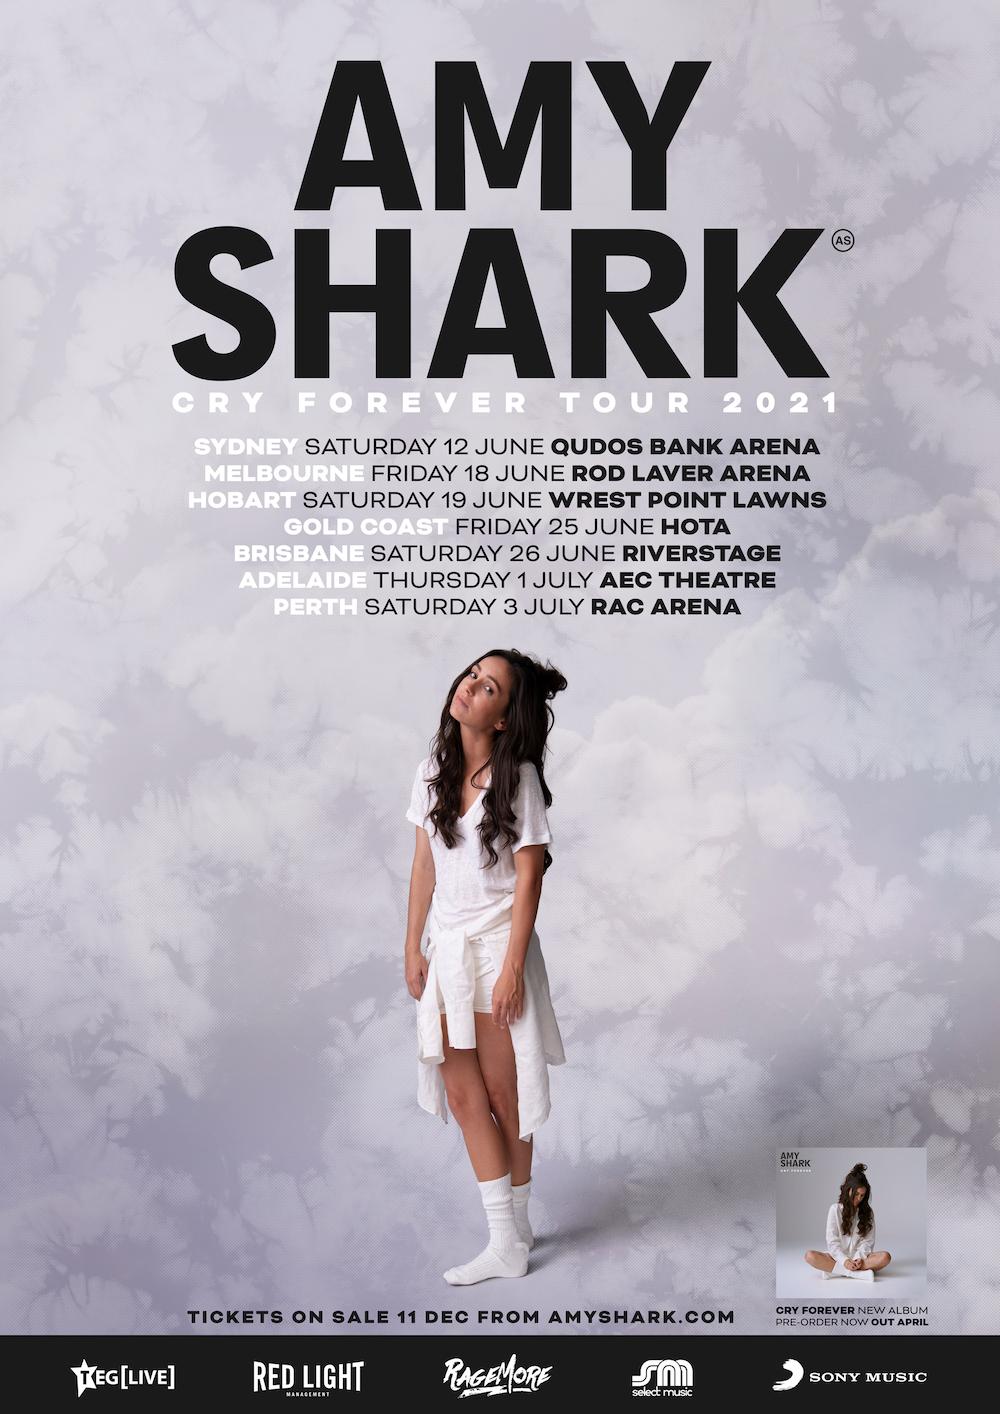 AMY SHARK ANNOUNCES 2021 HEADLINE TOUR